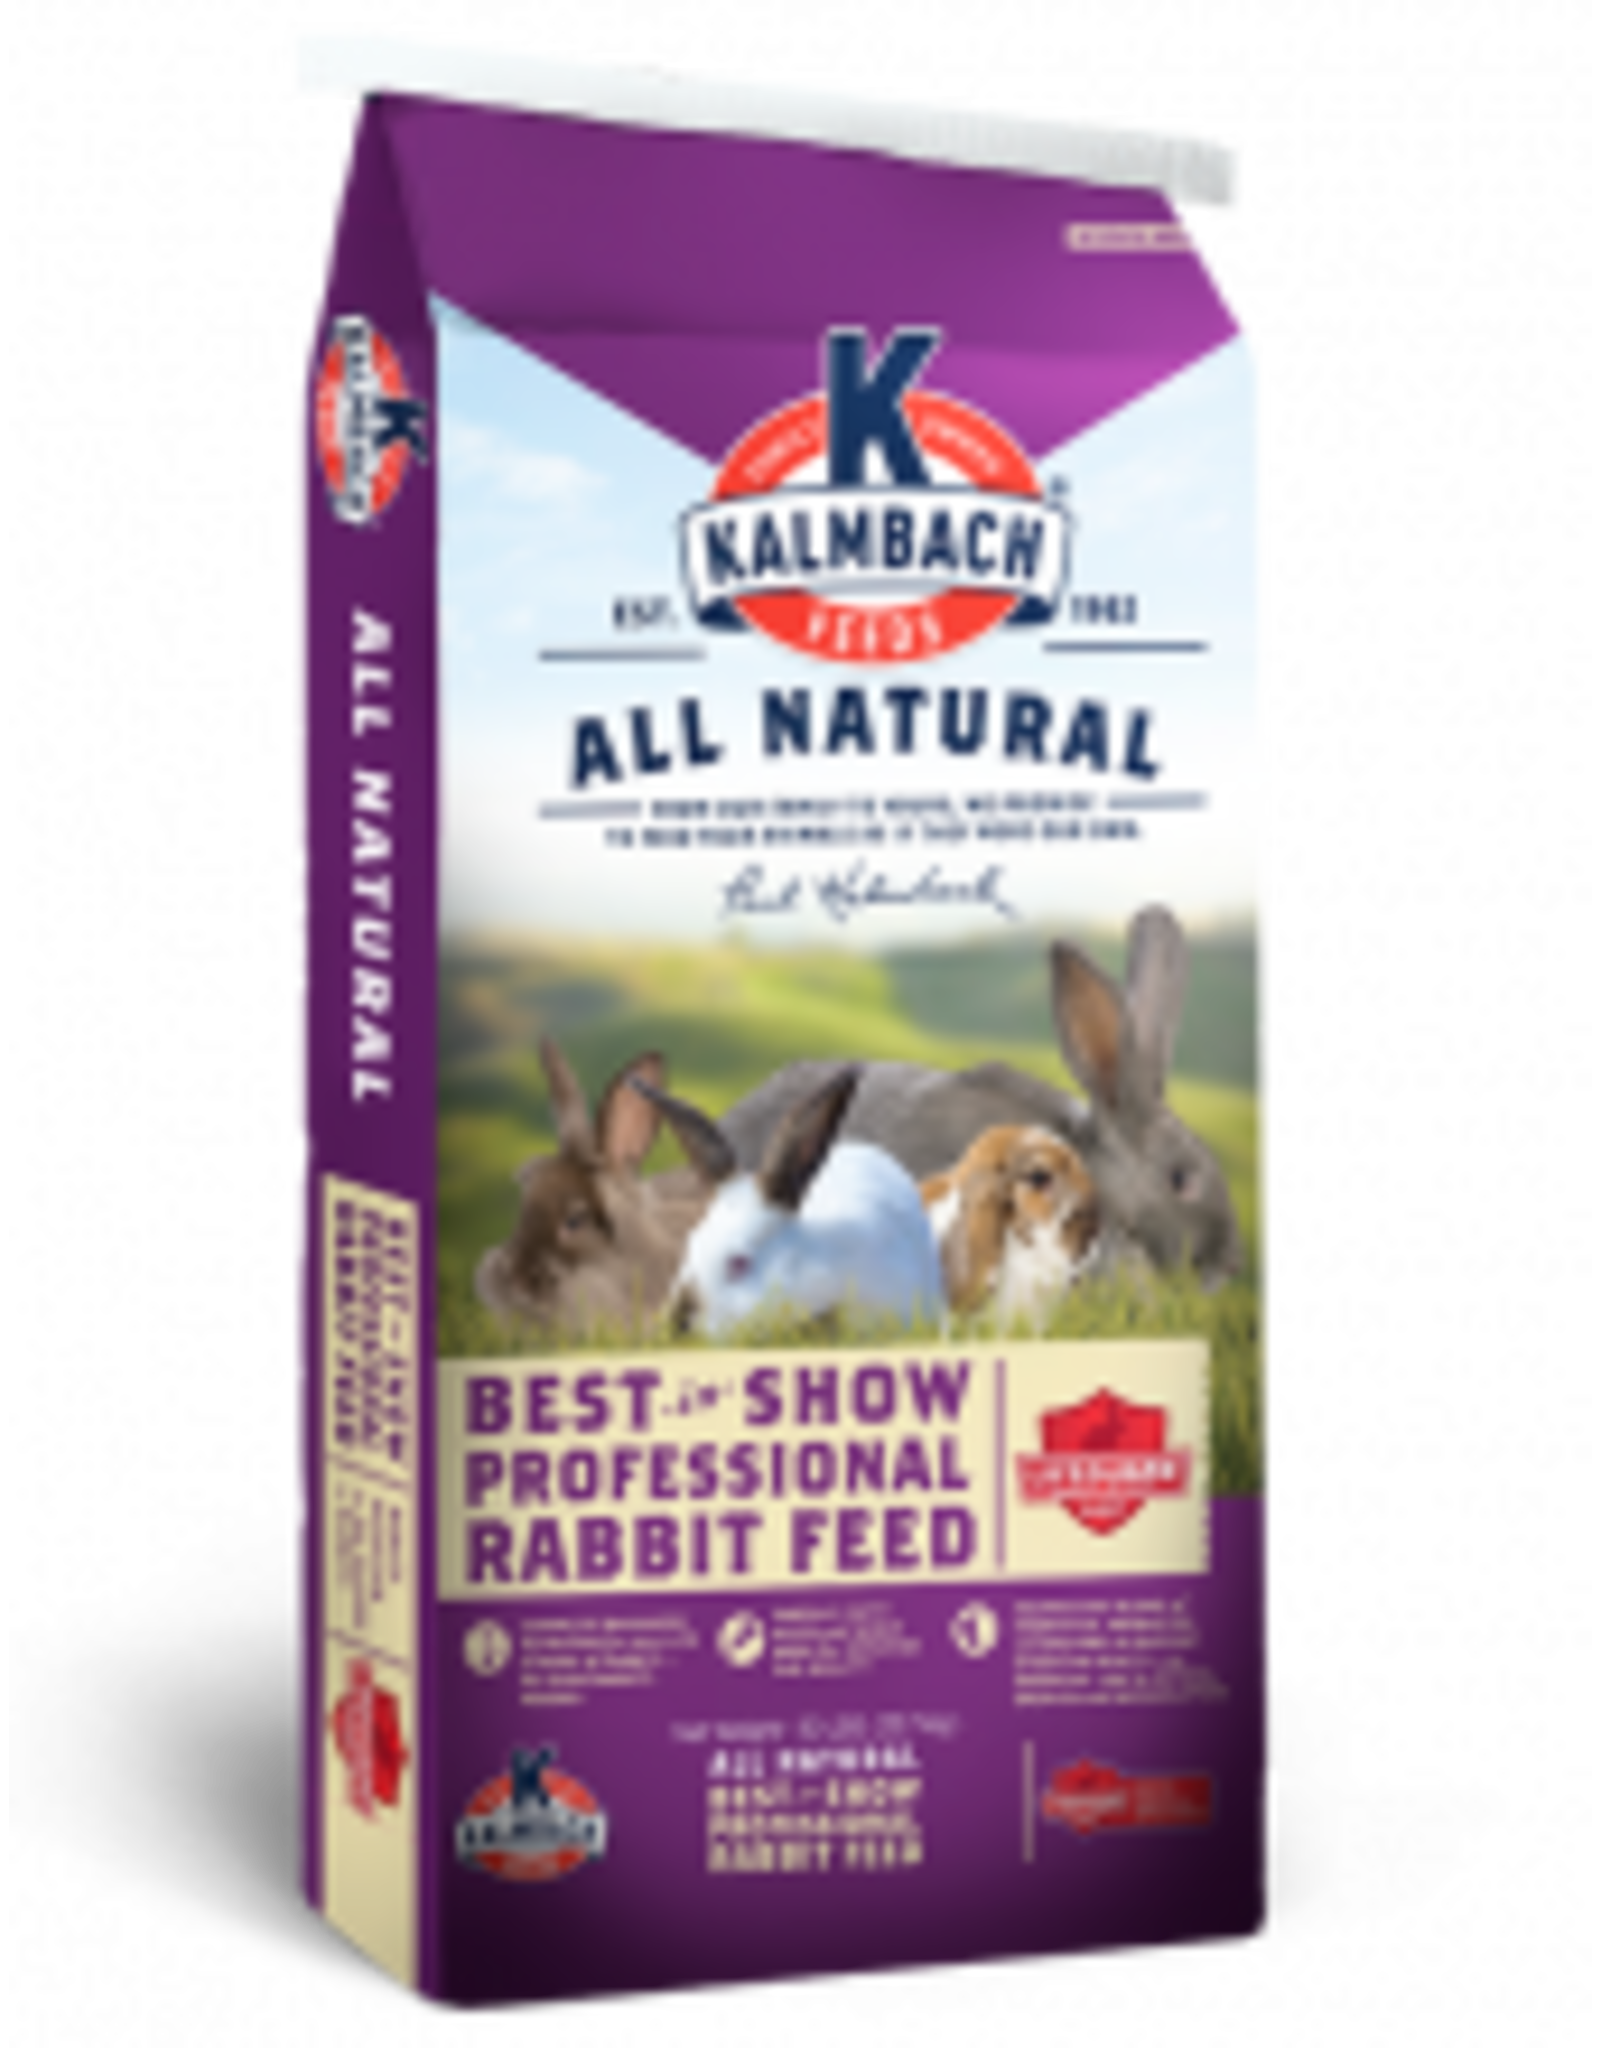 Kalmbach 800 Kalmbach 17% Best in Show  Rabbit